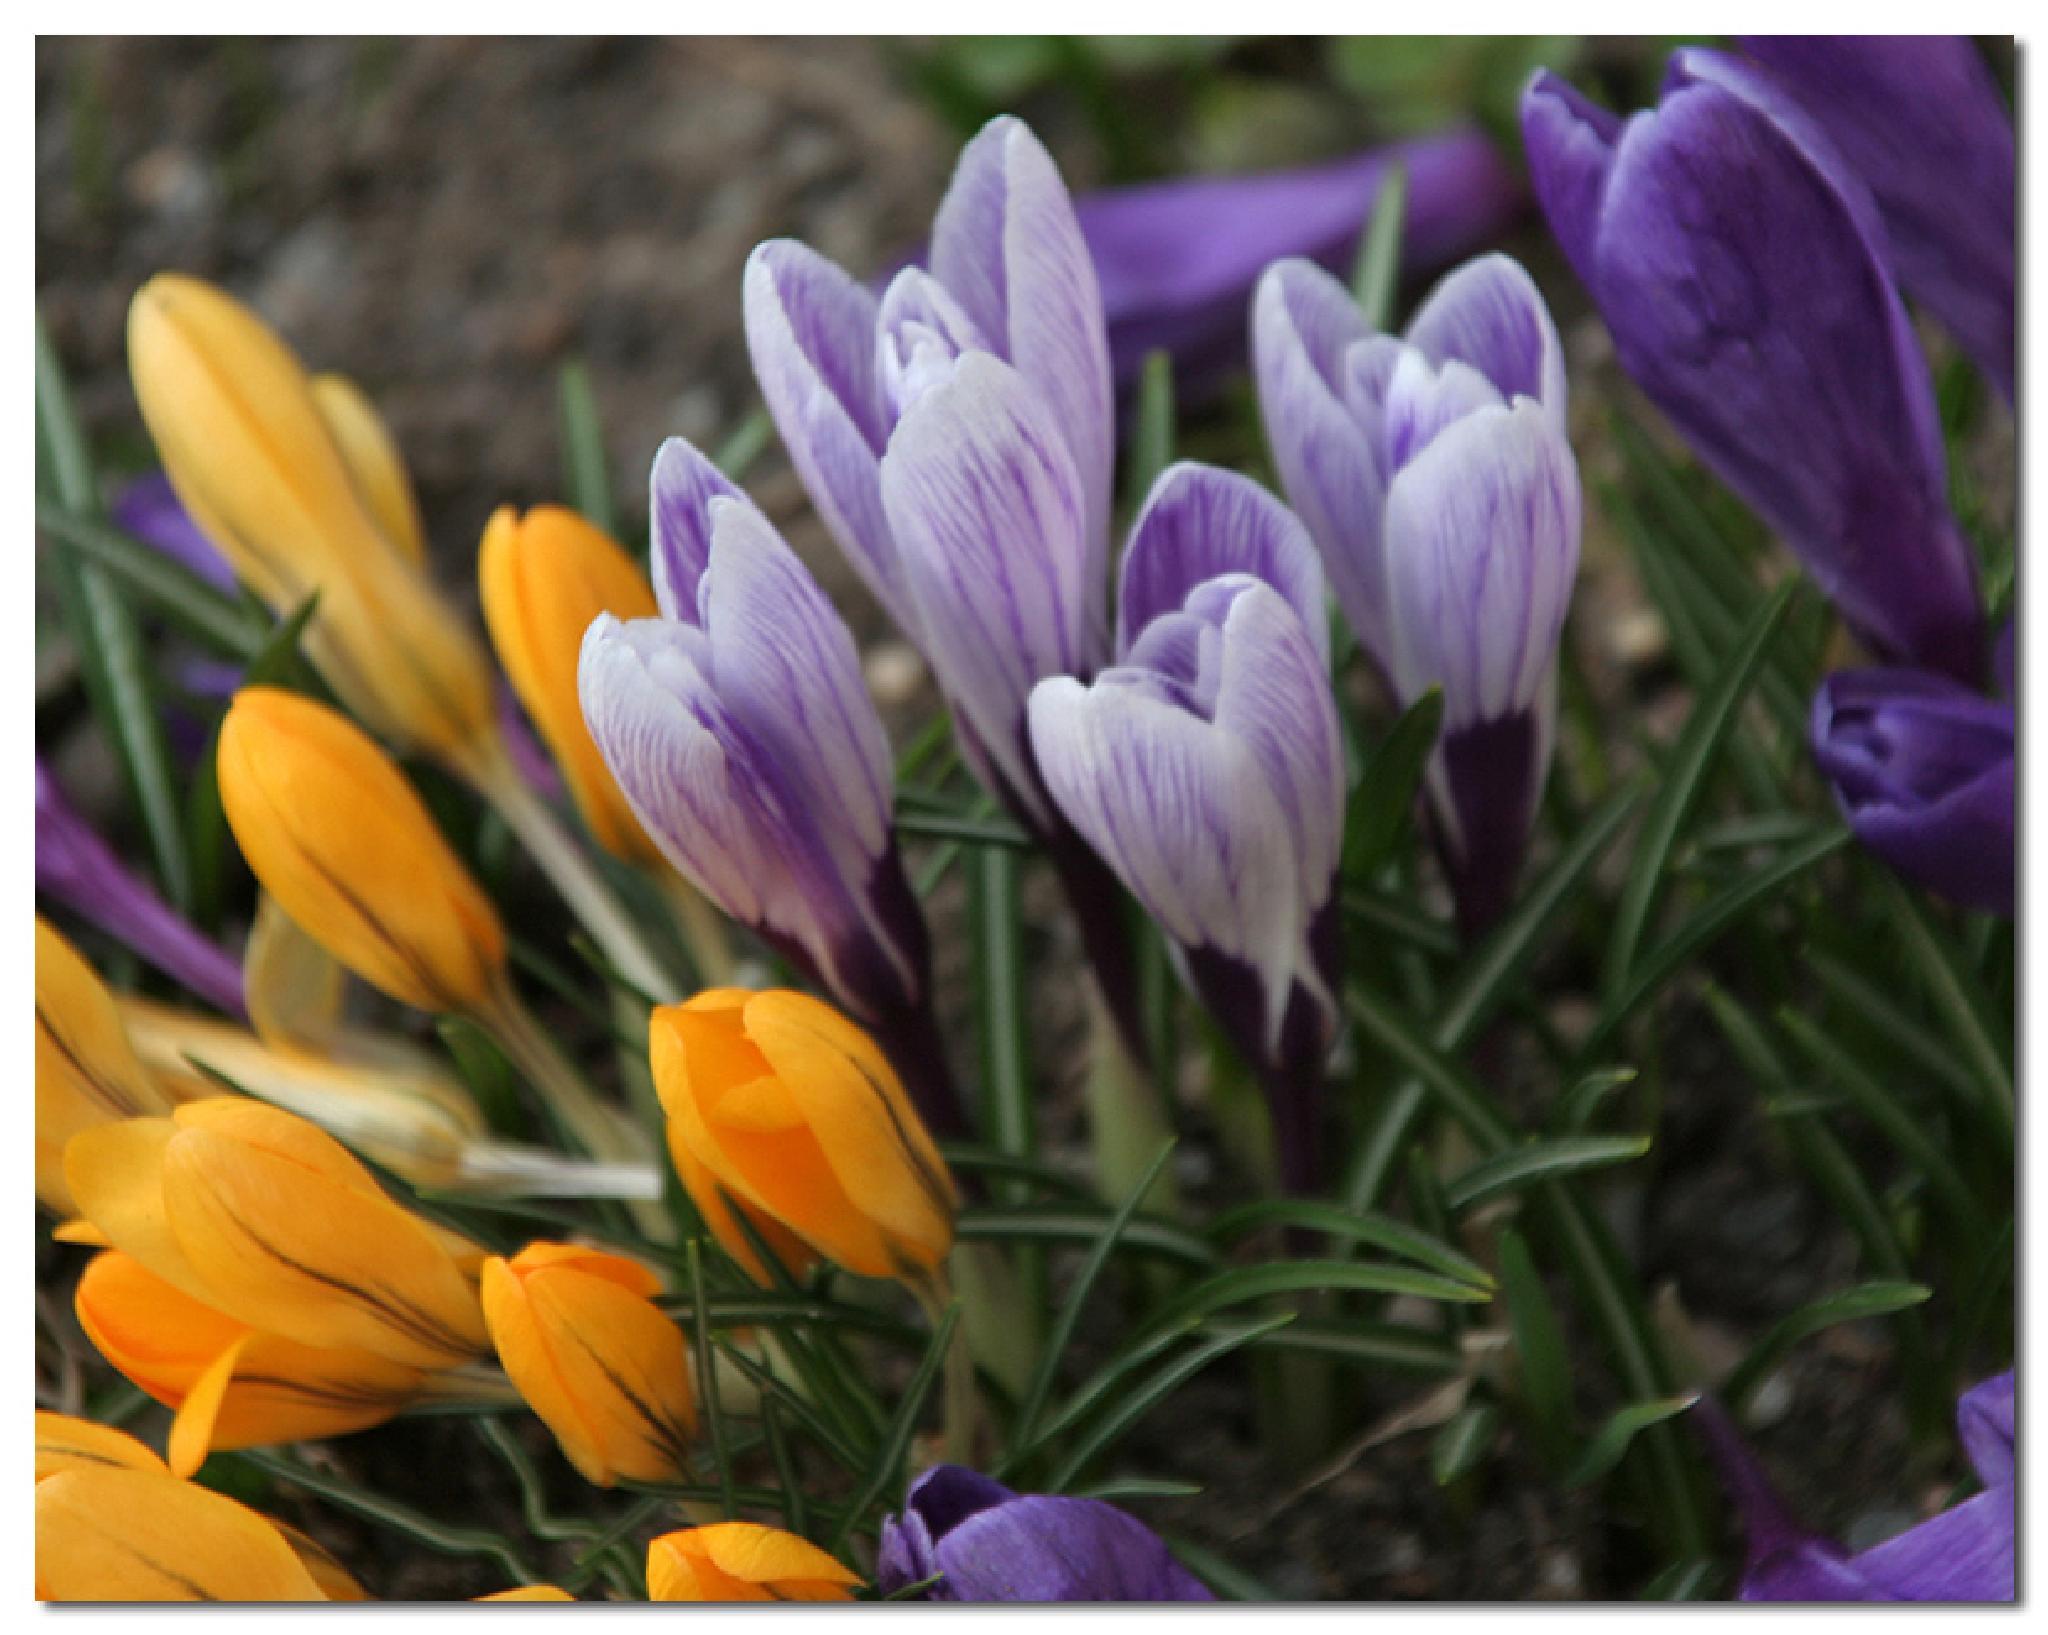 Flowers by embretsen